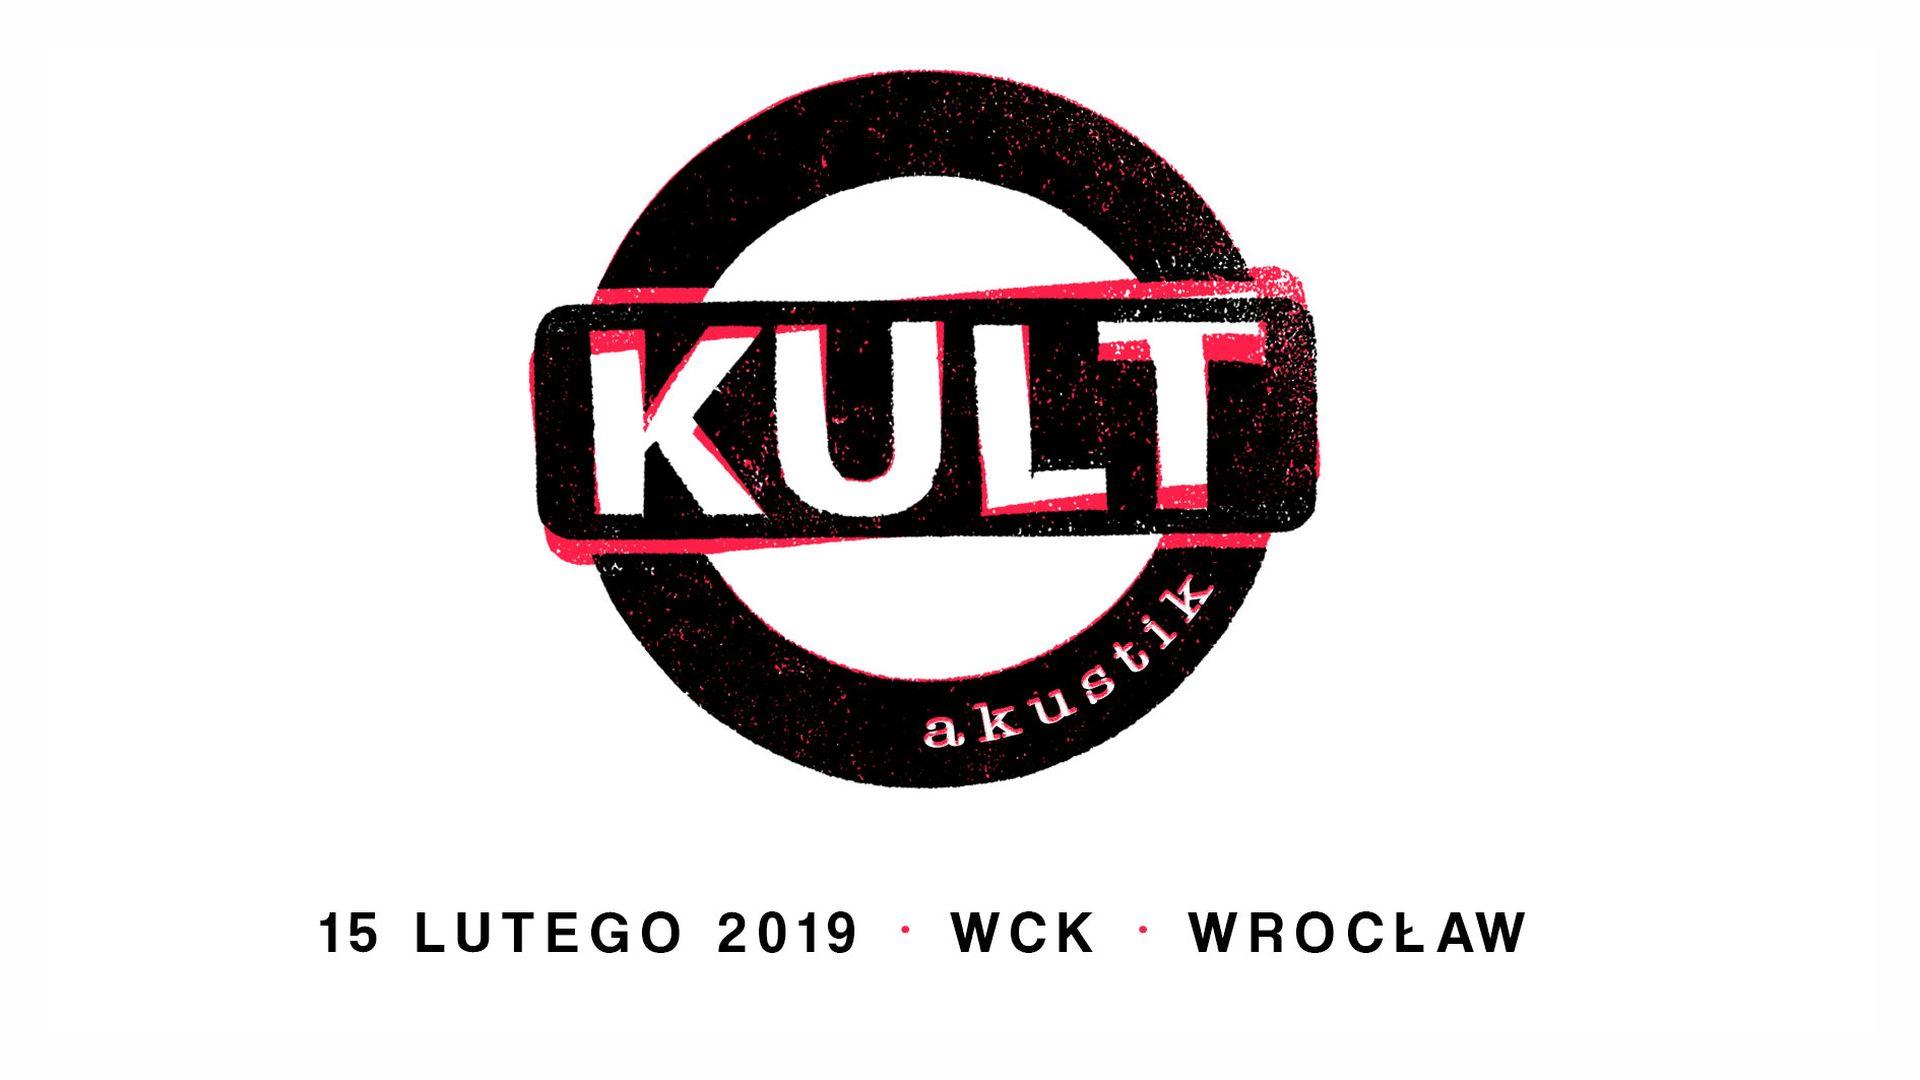 Bilety kolekcjonerskie - Kult Akustik